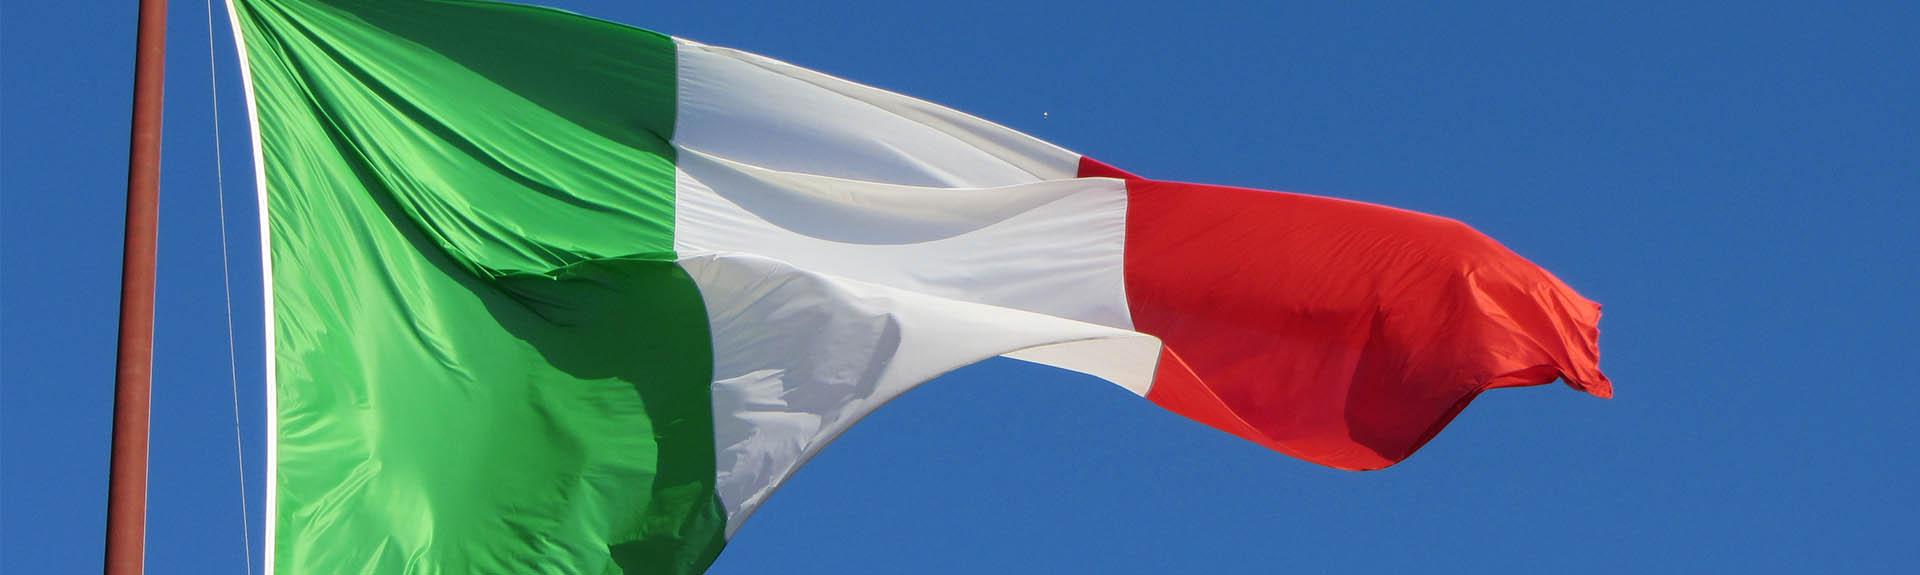 Italien - Atelier UNIVA